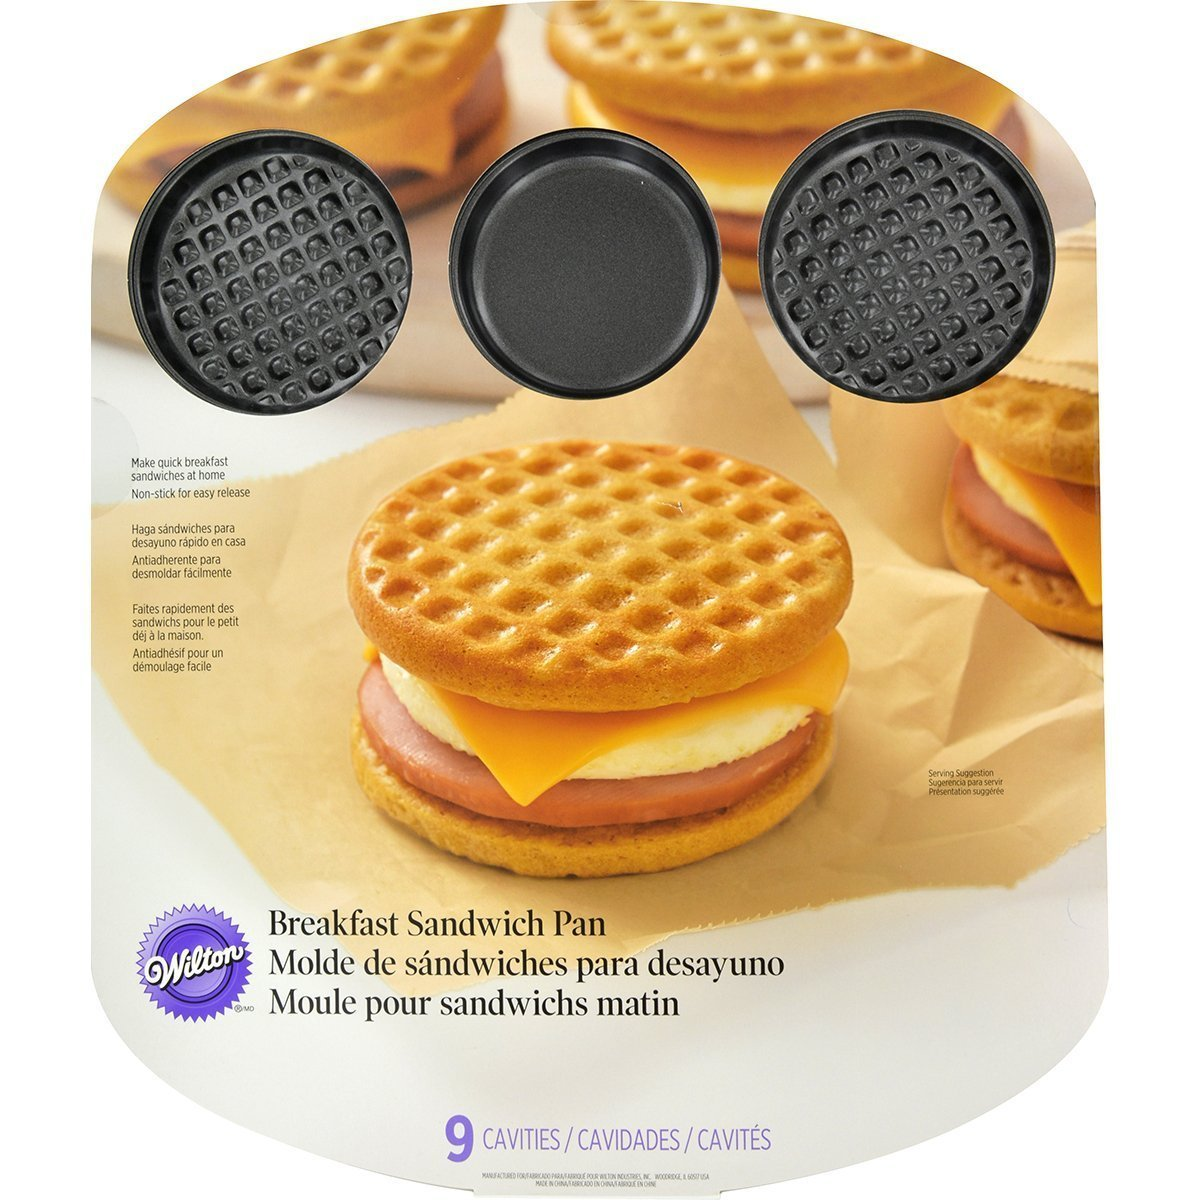 Wilton 2105-8450 9 Cavity Breakfast Sandwich Pan by Wilton [並行輸入品] B017YAKBSE